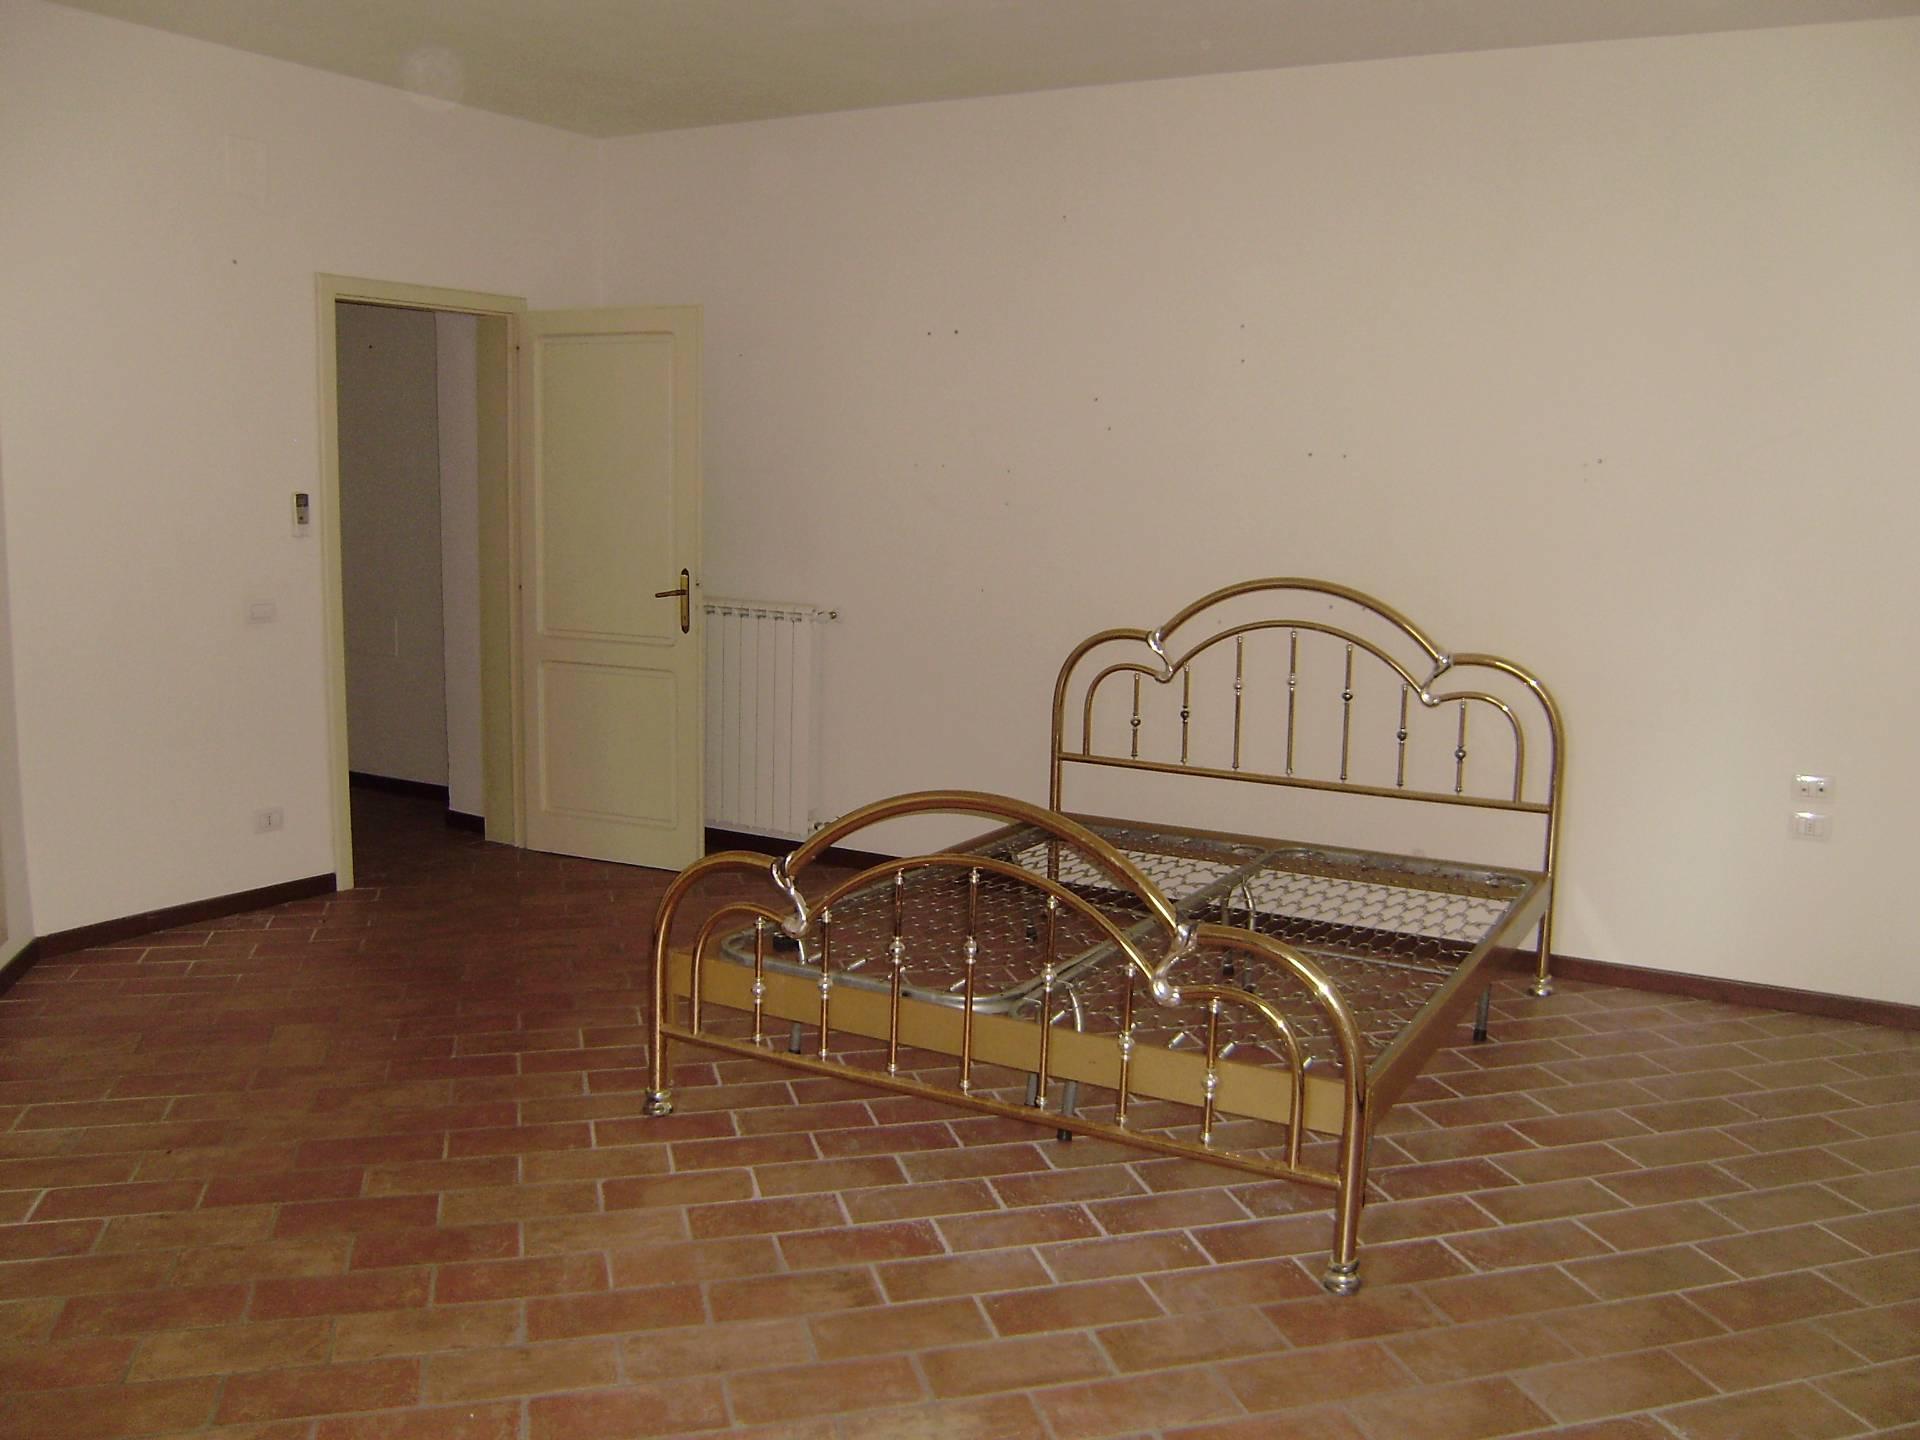 Appartamento in affitto a Santa Croce sull'Arno, 2 locali, prezzo € 650 | CambioCasa.it